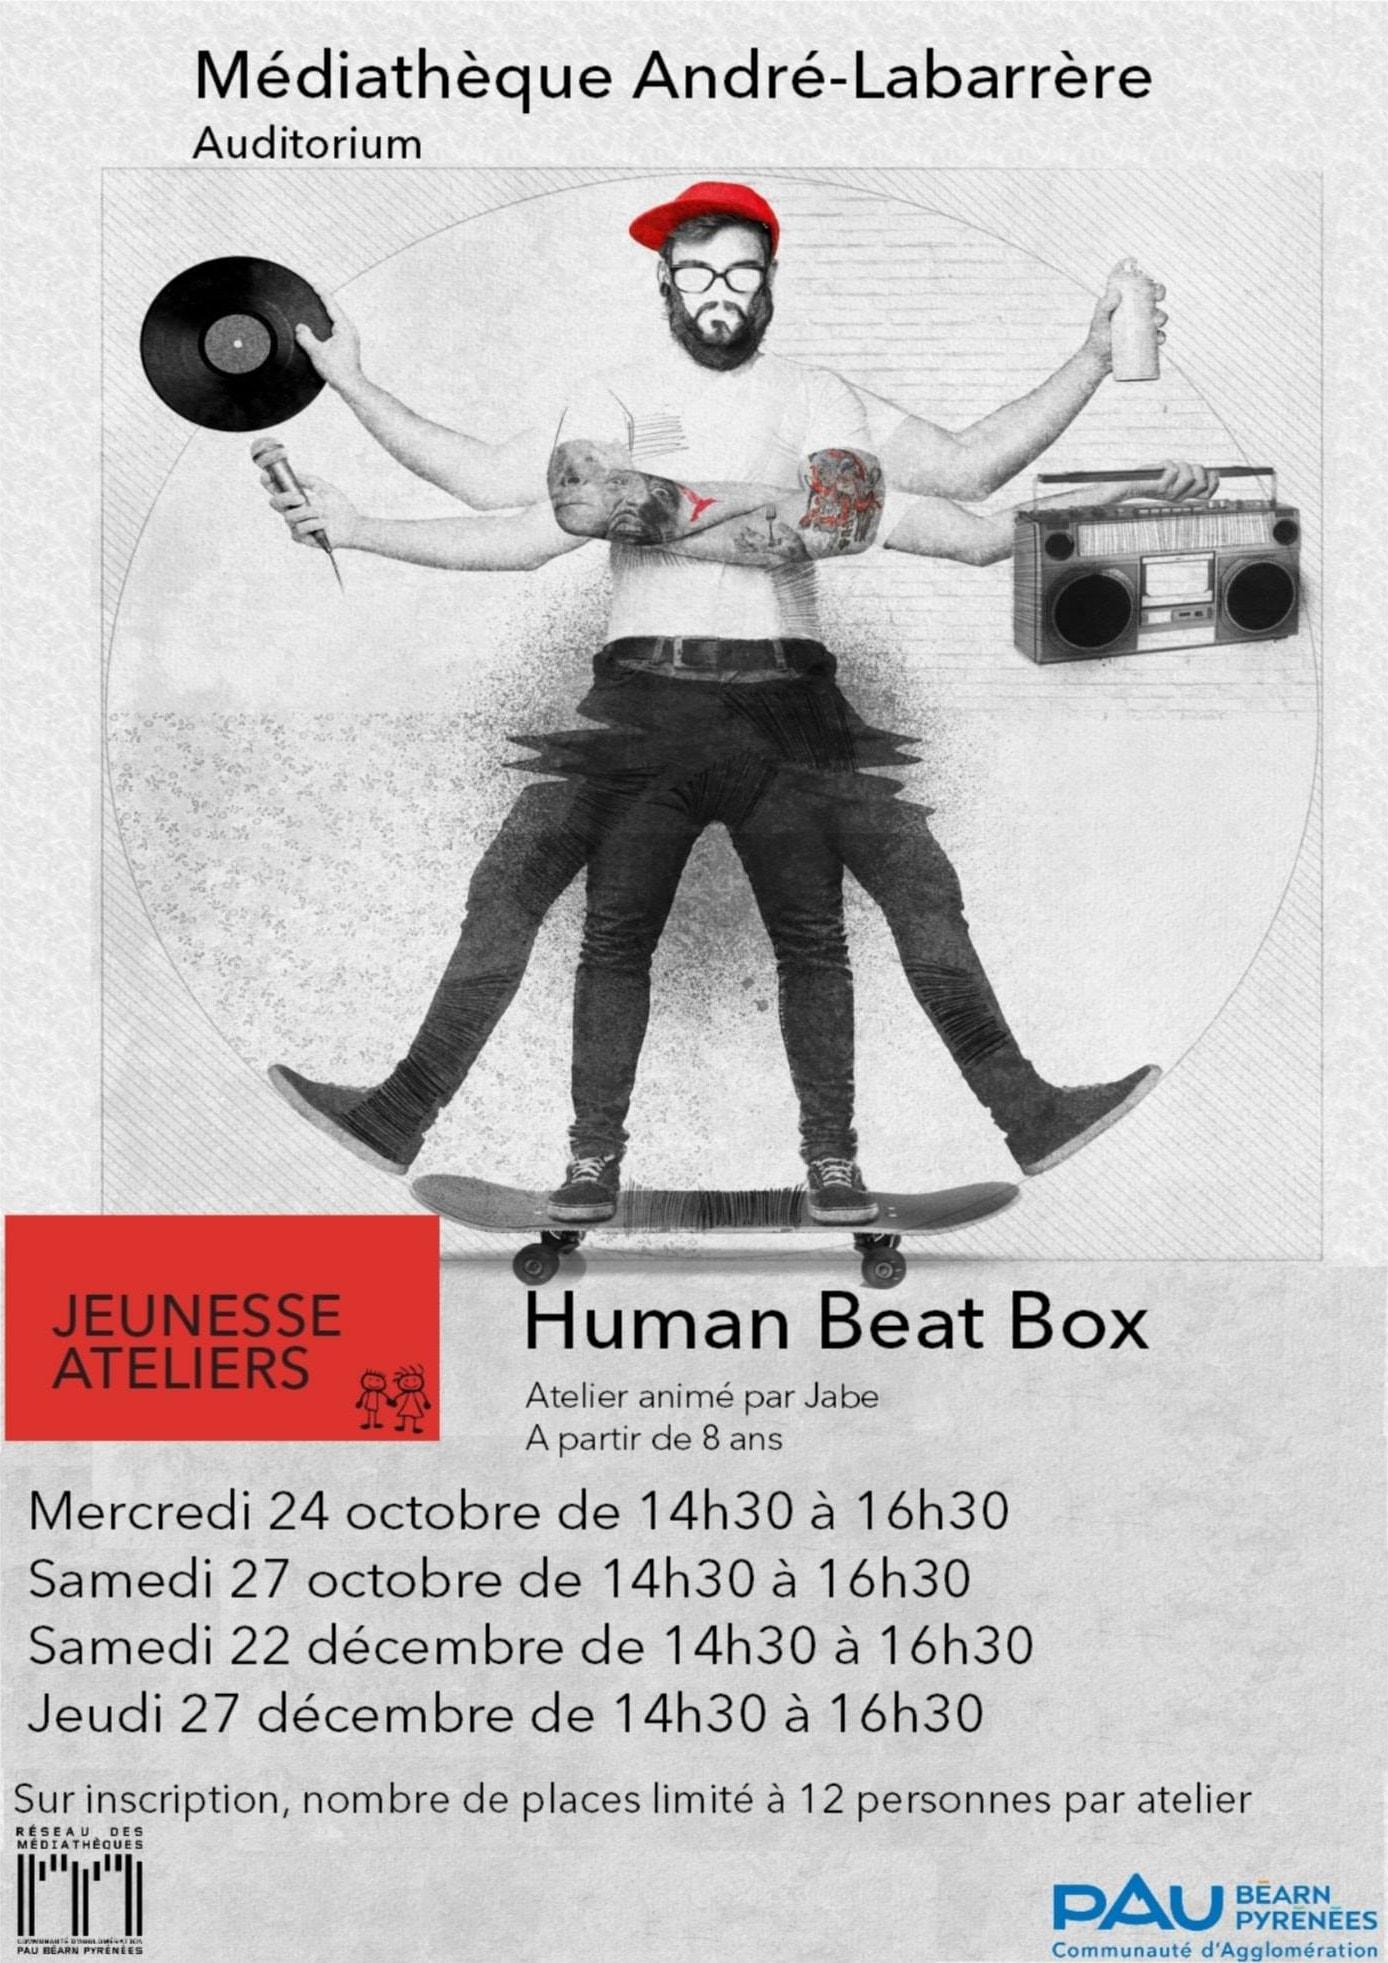 Atelier human beatbox à la médiathèque André Labarrère